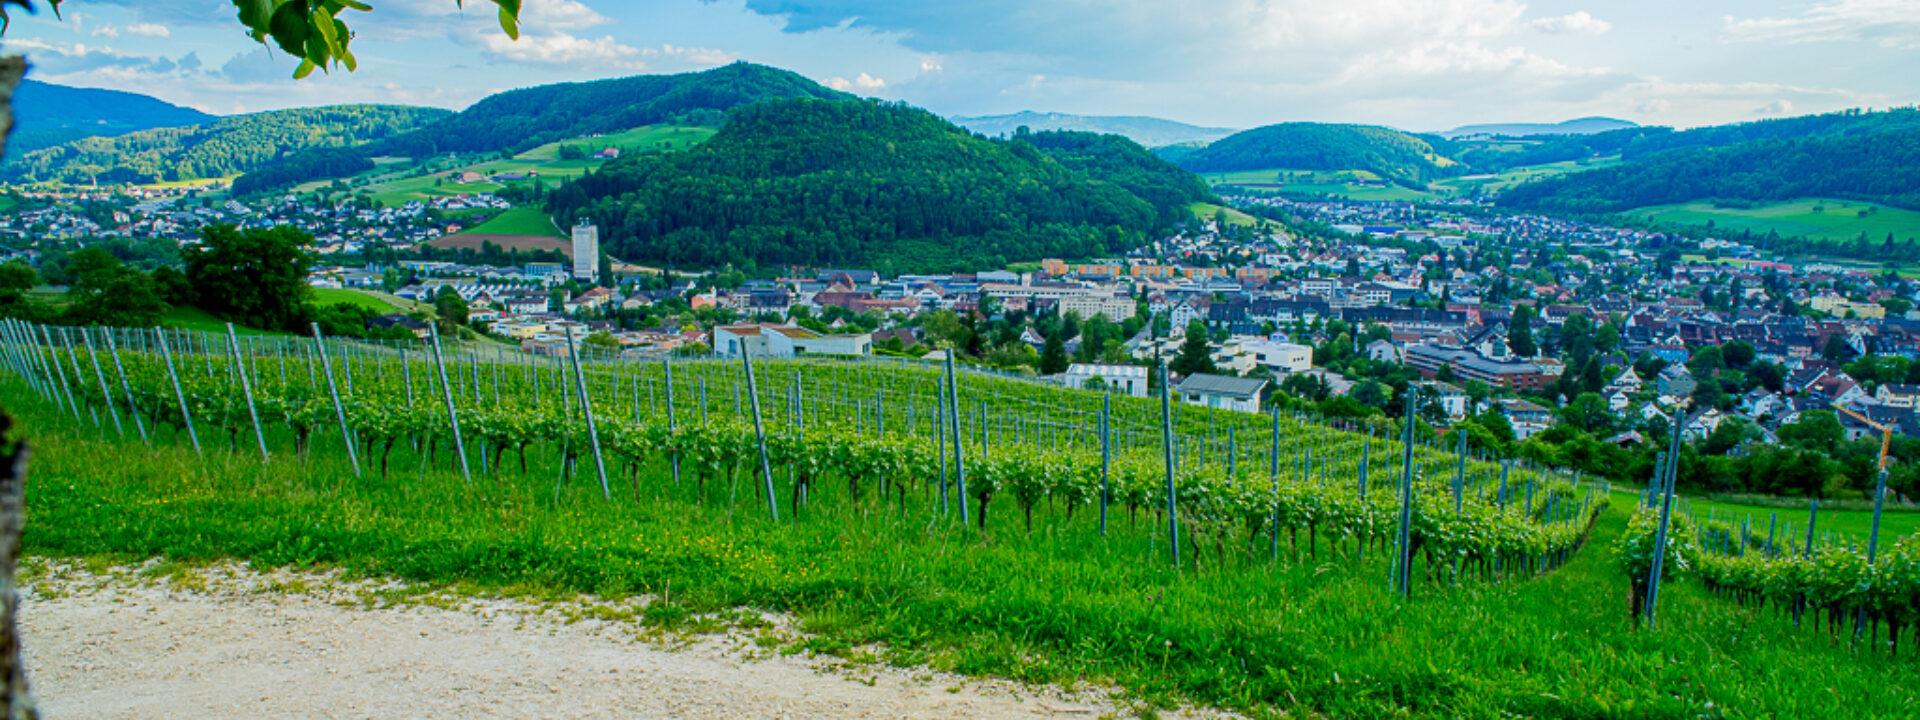 Imhof Wein- und Obstbau